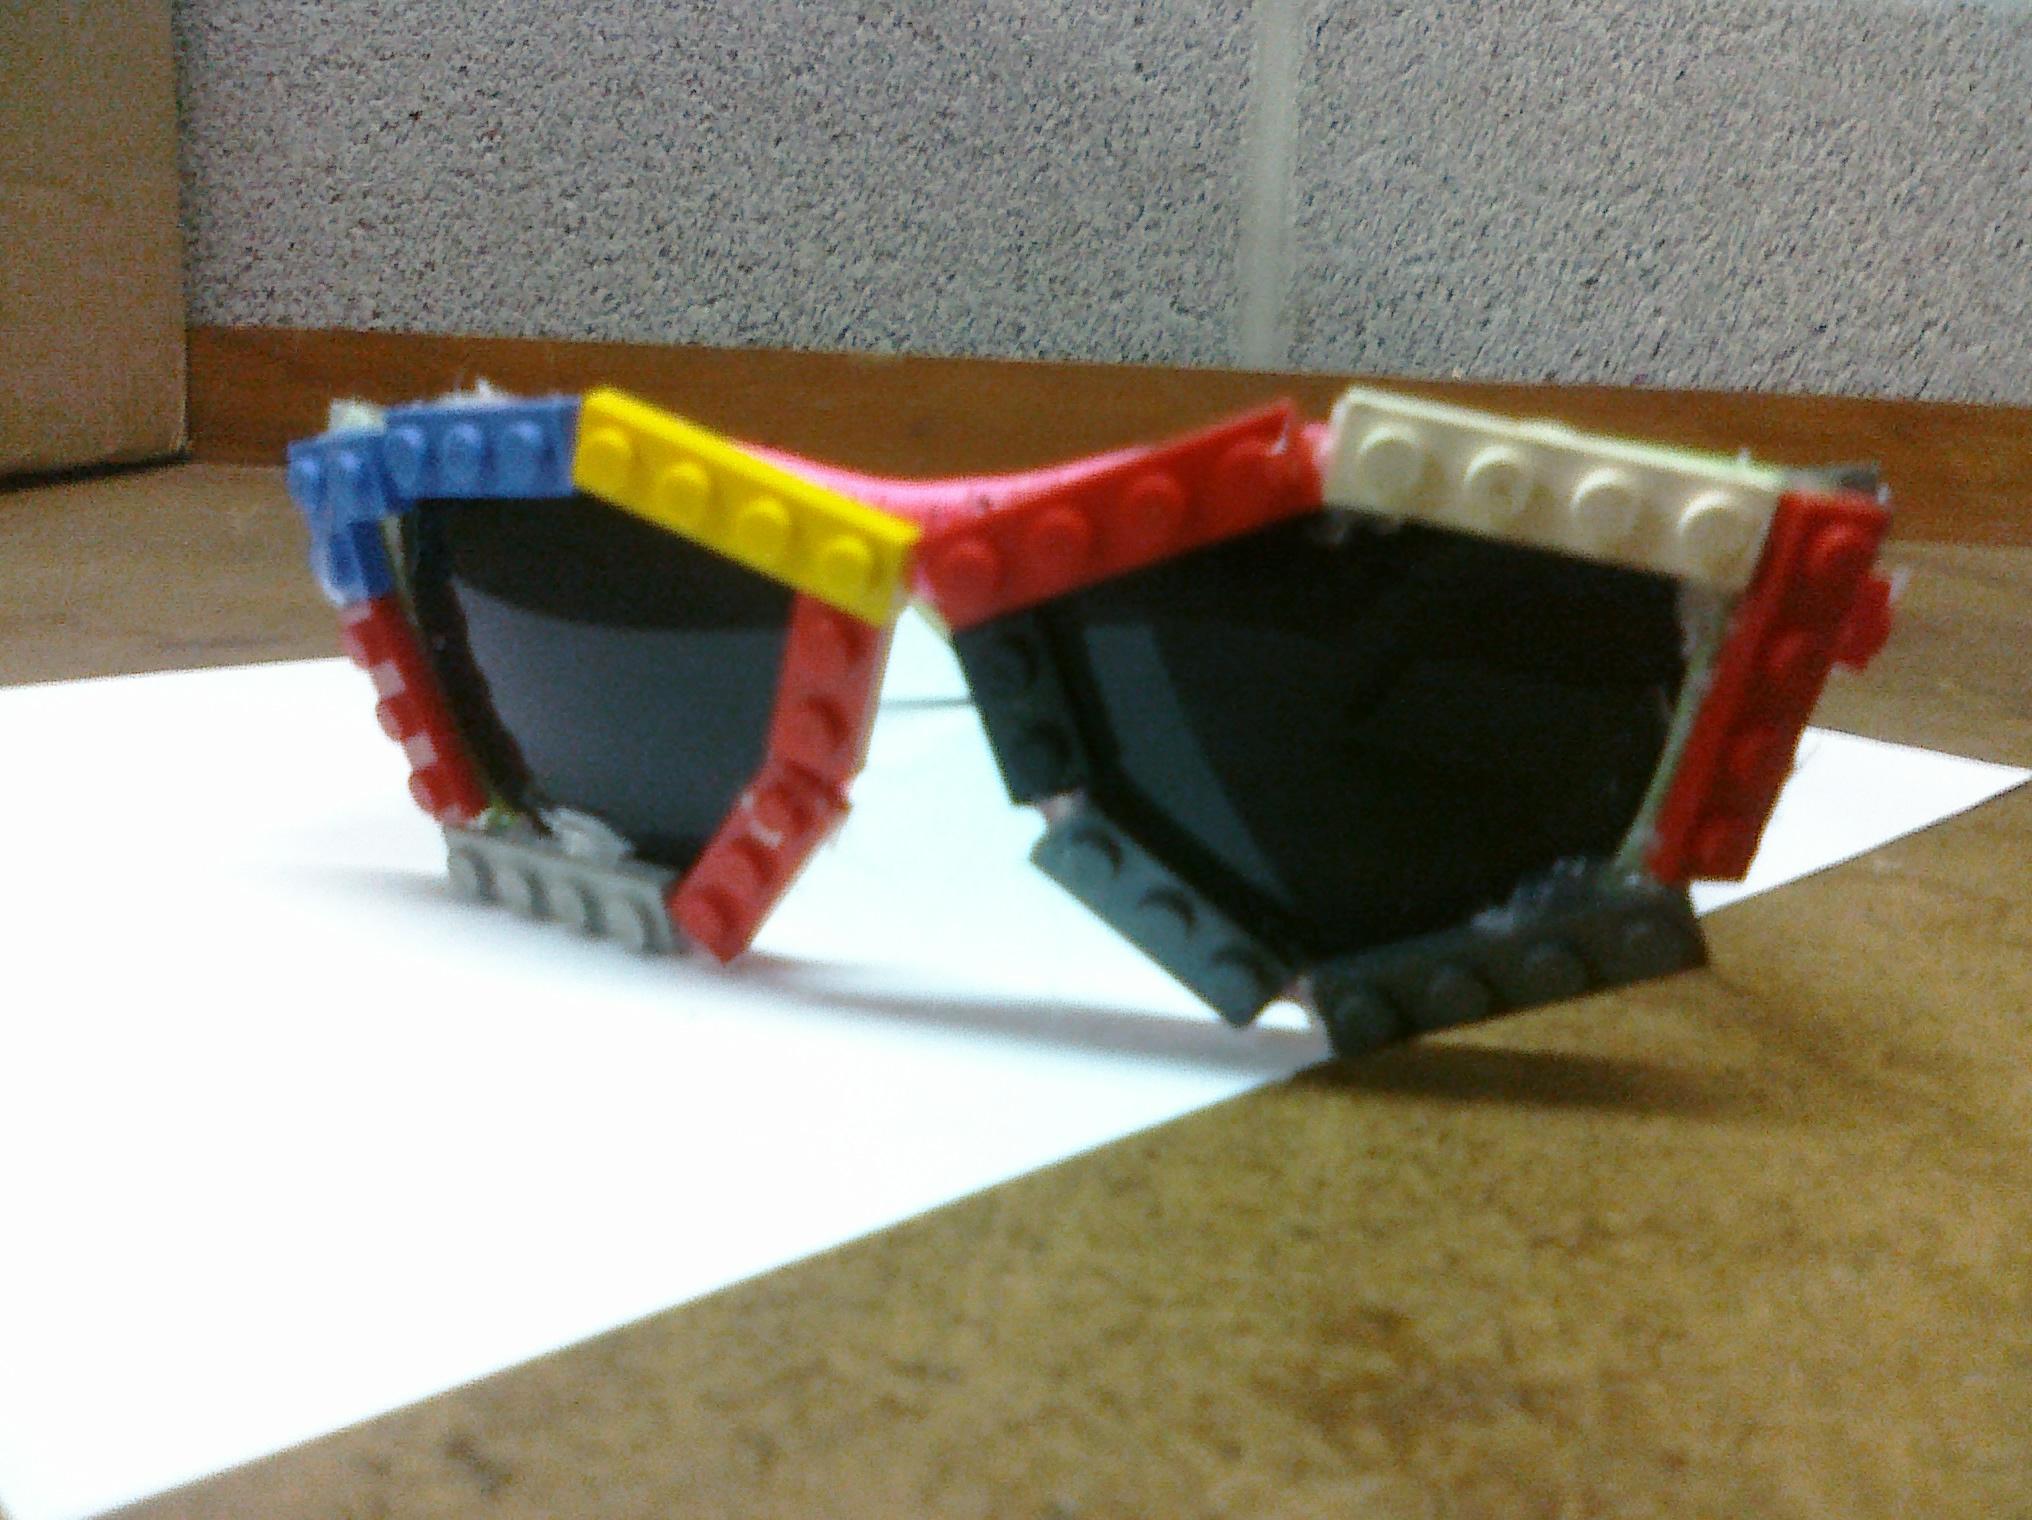 lego shades